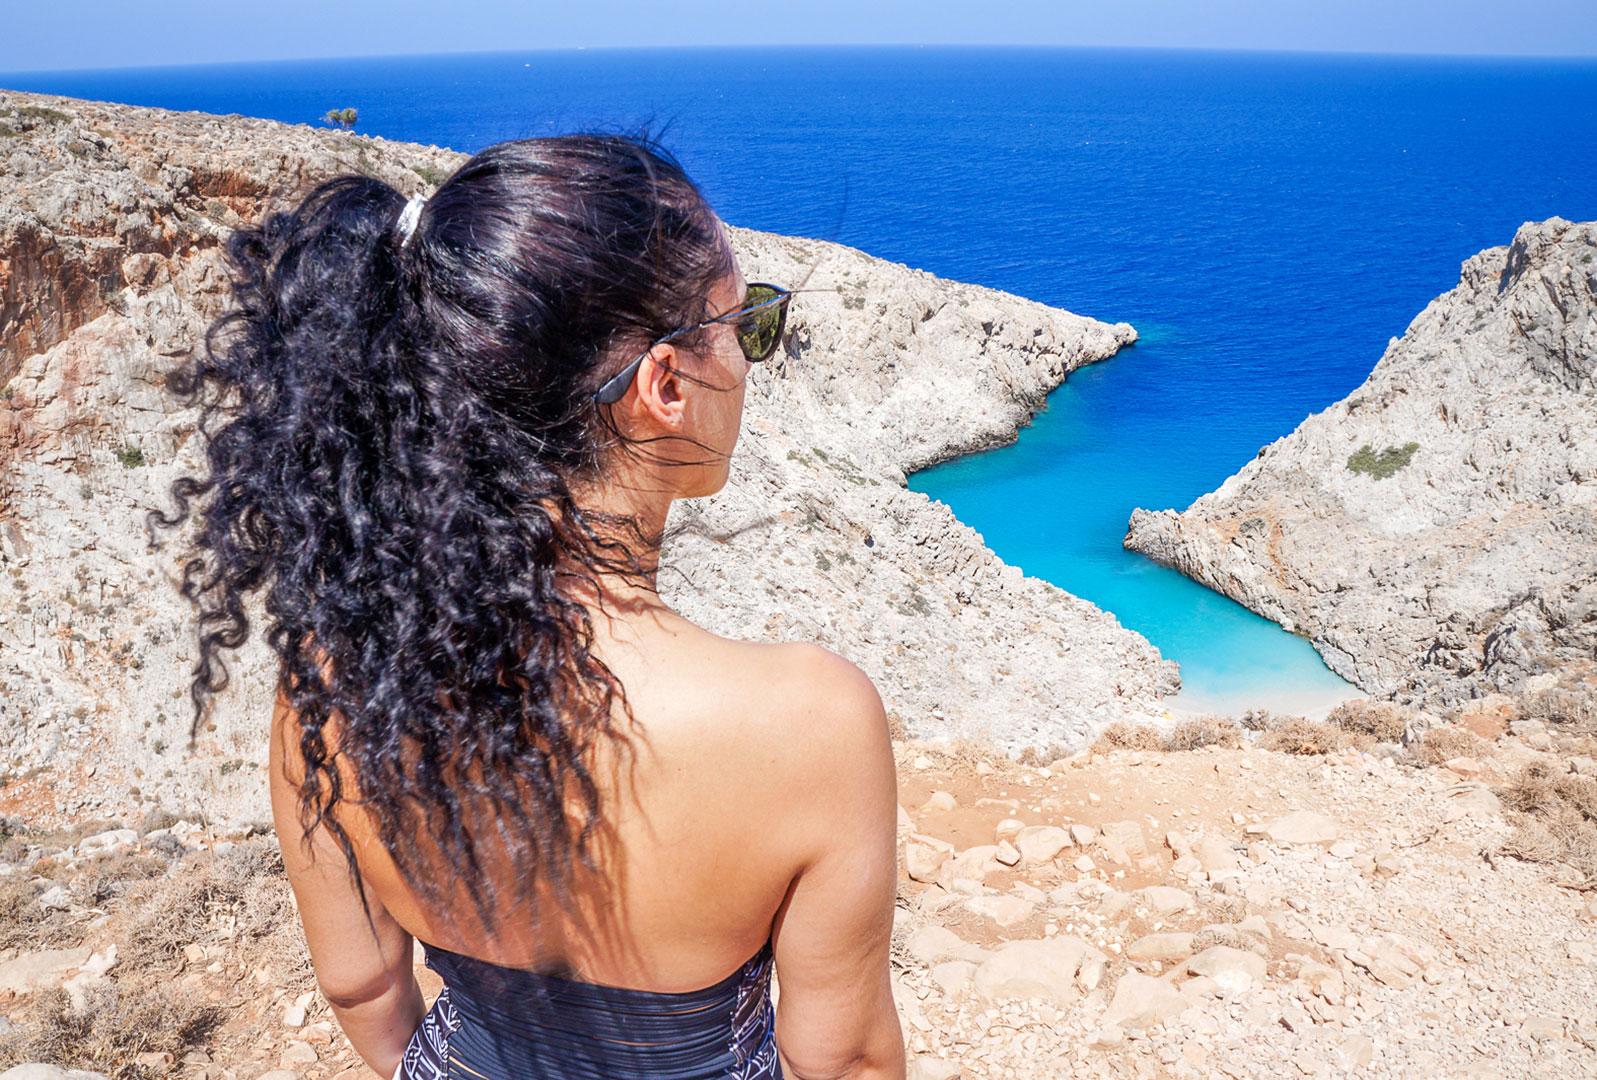 seitan-chania-crete-greece-la-vie-en-blog-all-rights-reserved-2